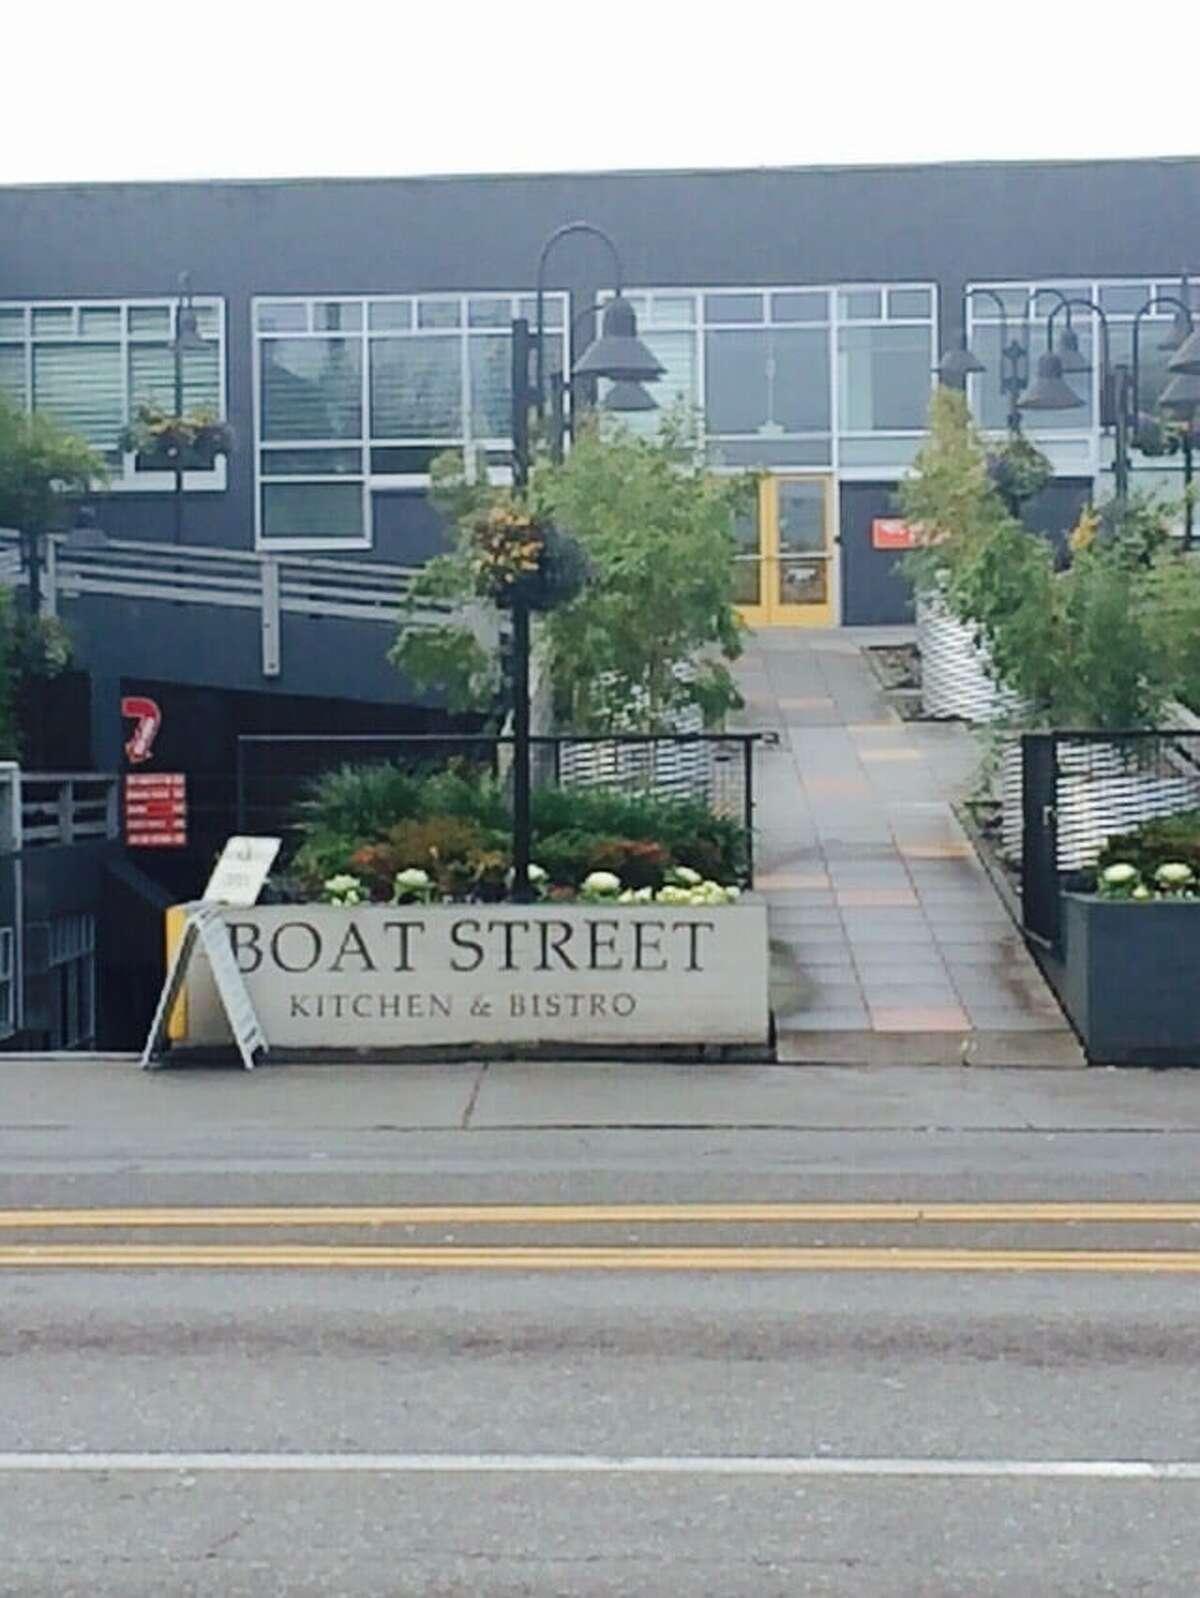 Boat Street Kitchen & Bistro.